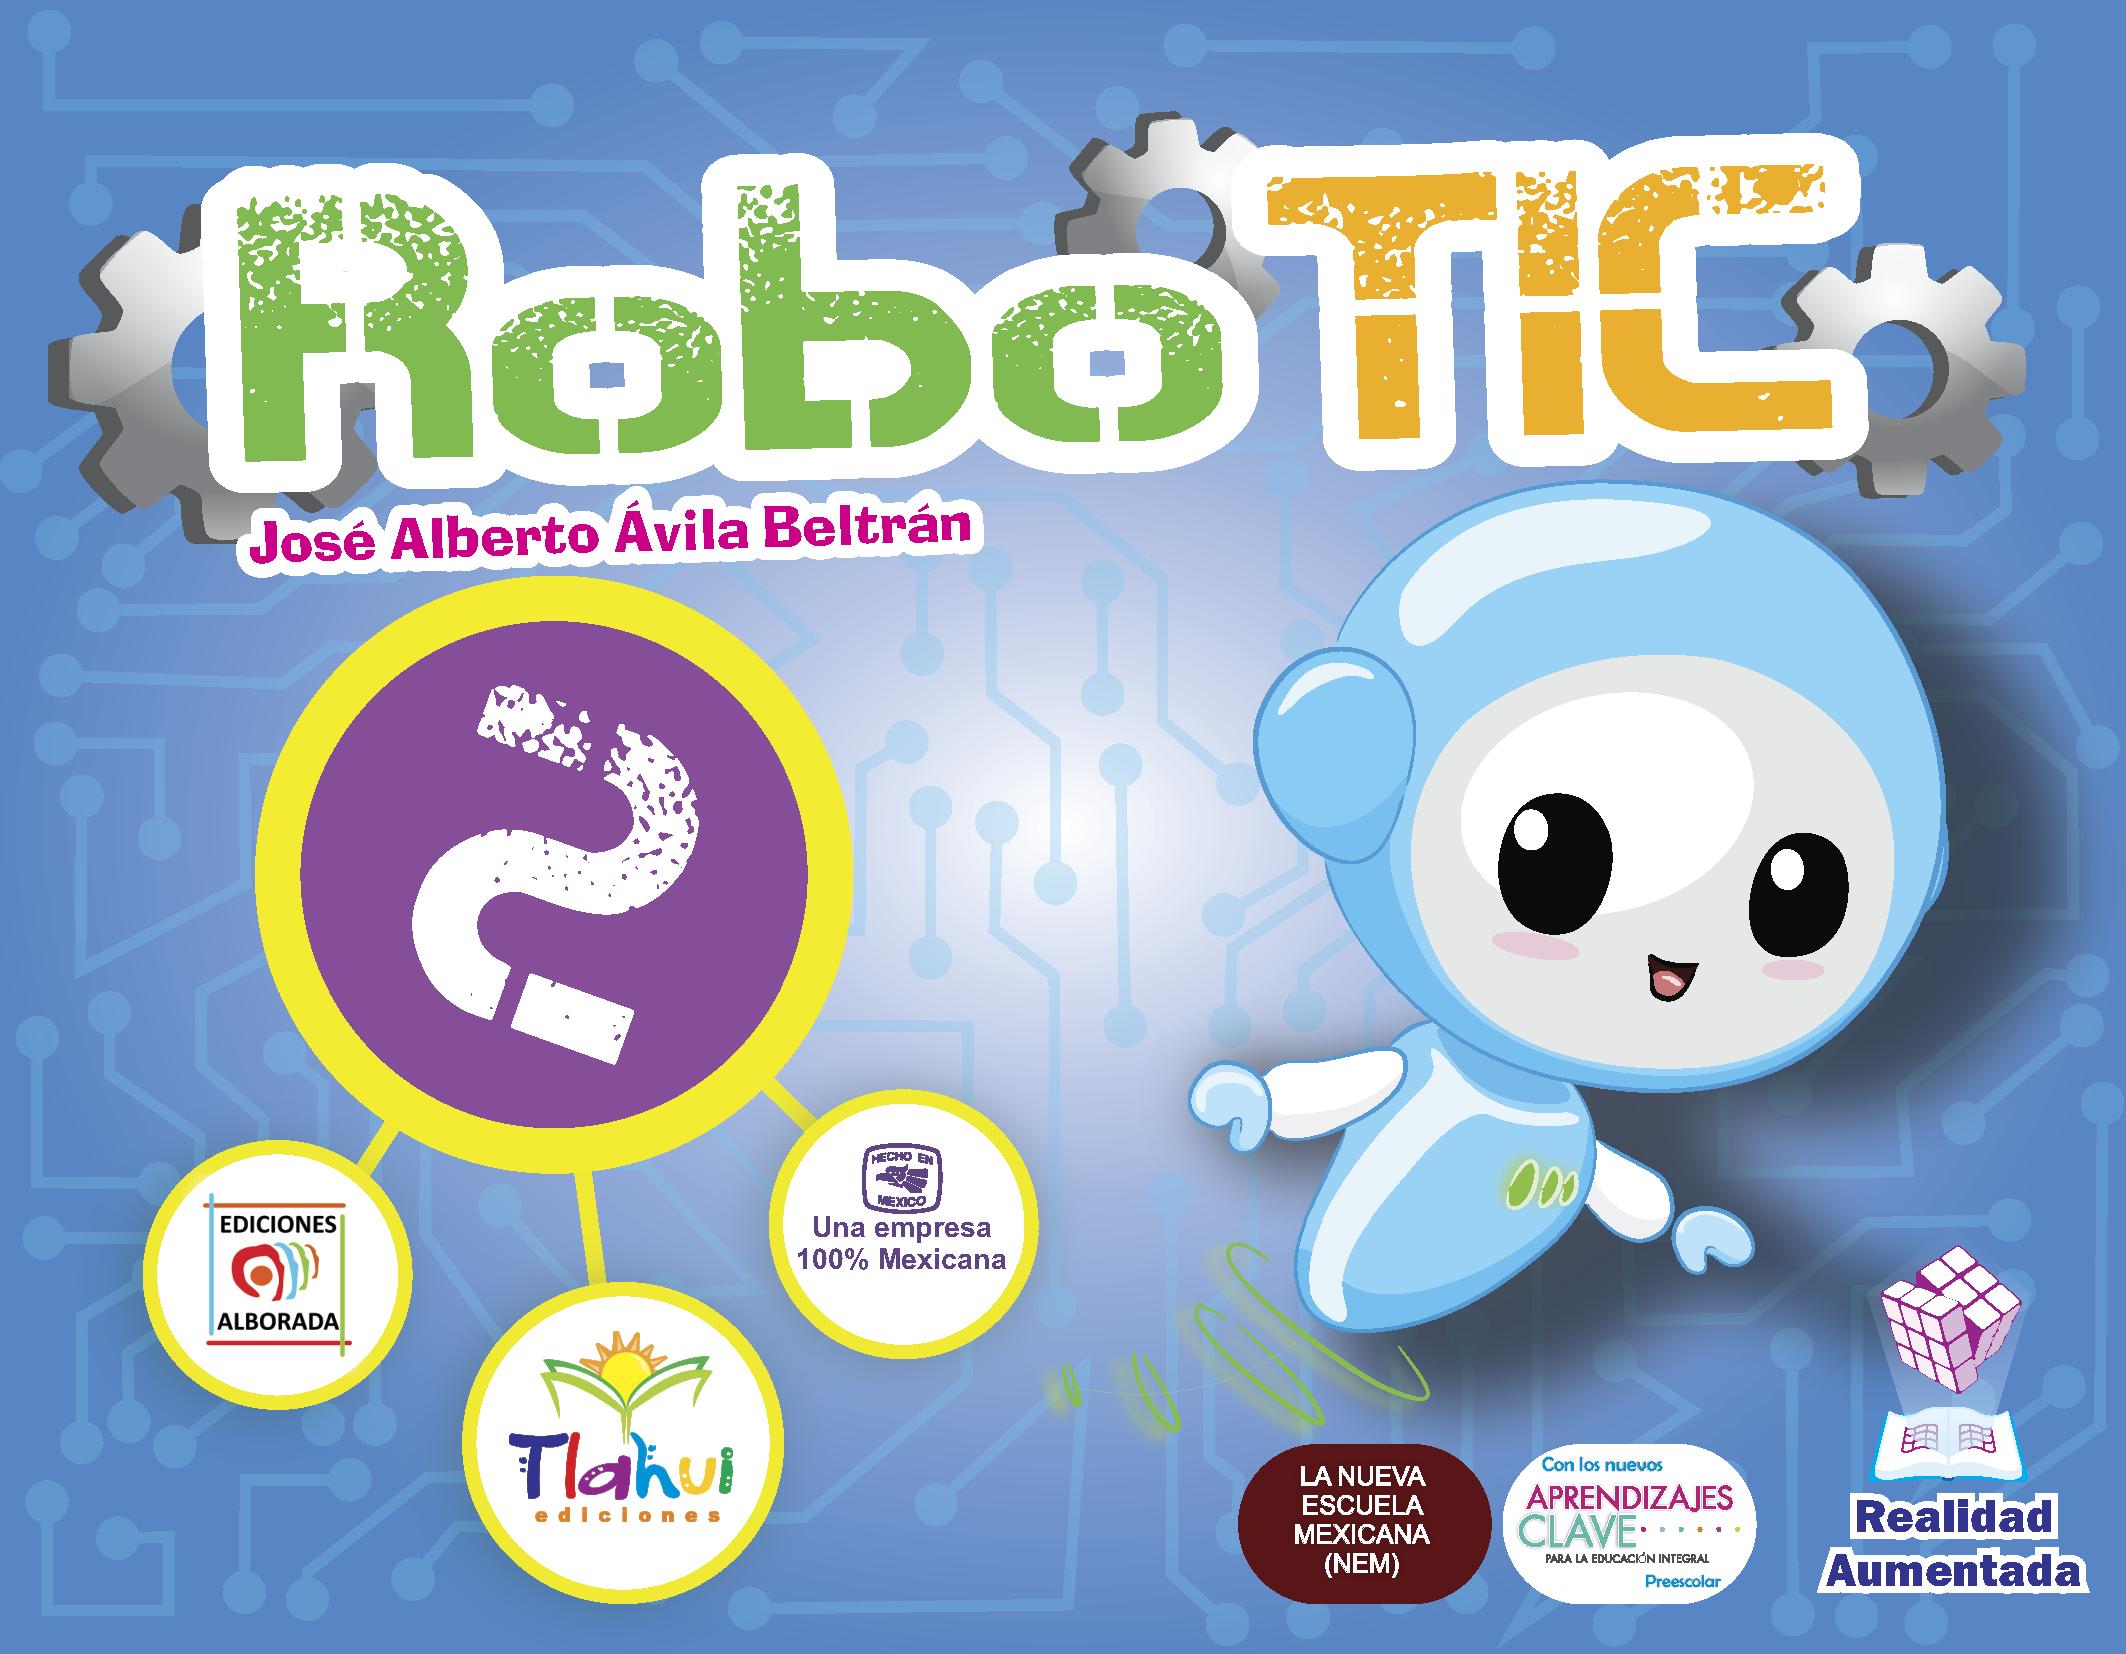 nueva_portada_de_robotic-2_of_Página_1.